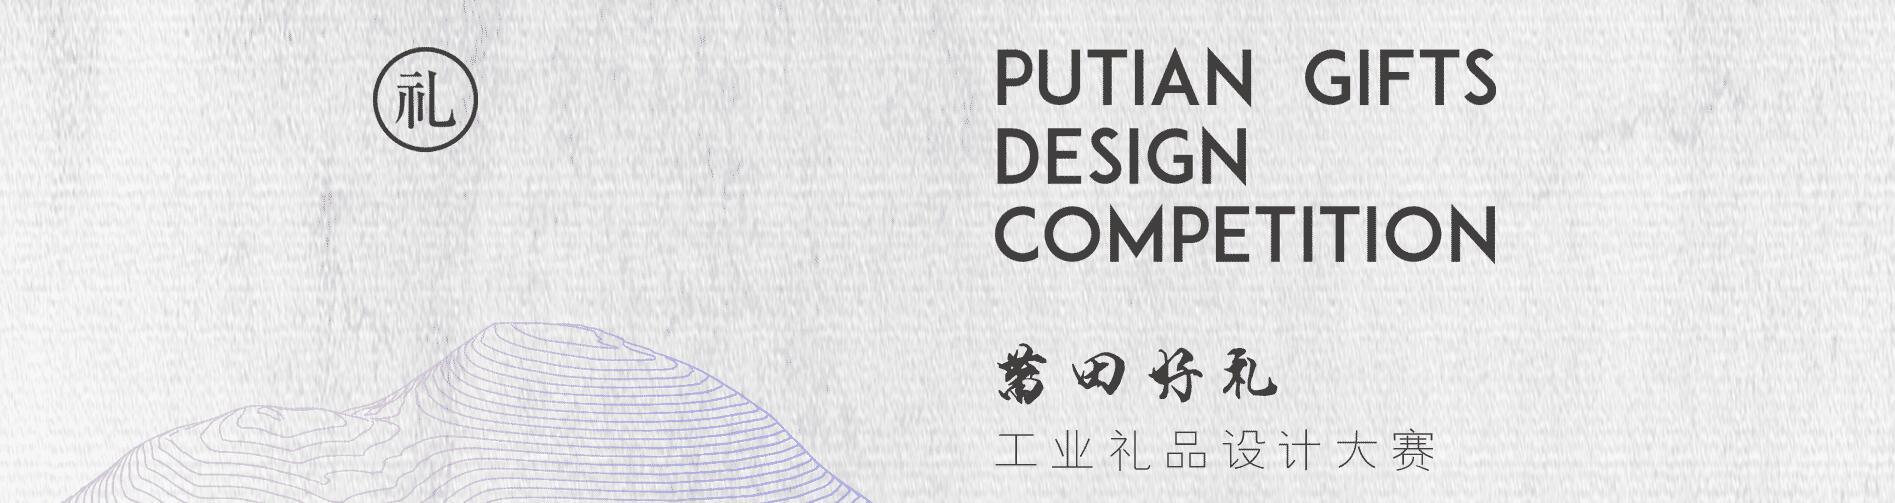 洪山文创园导向标识系统、街景小品设计征集活动